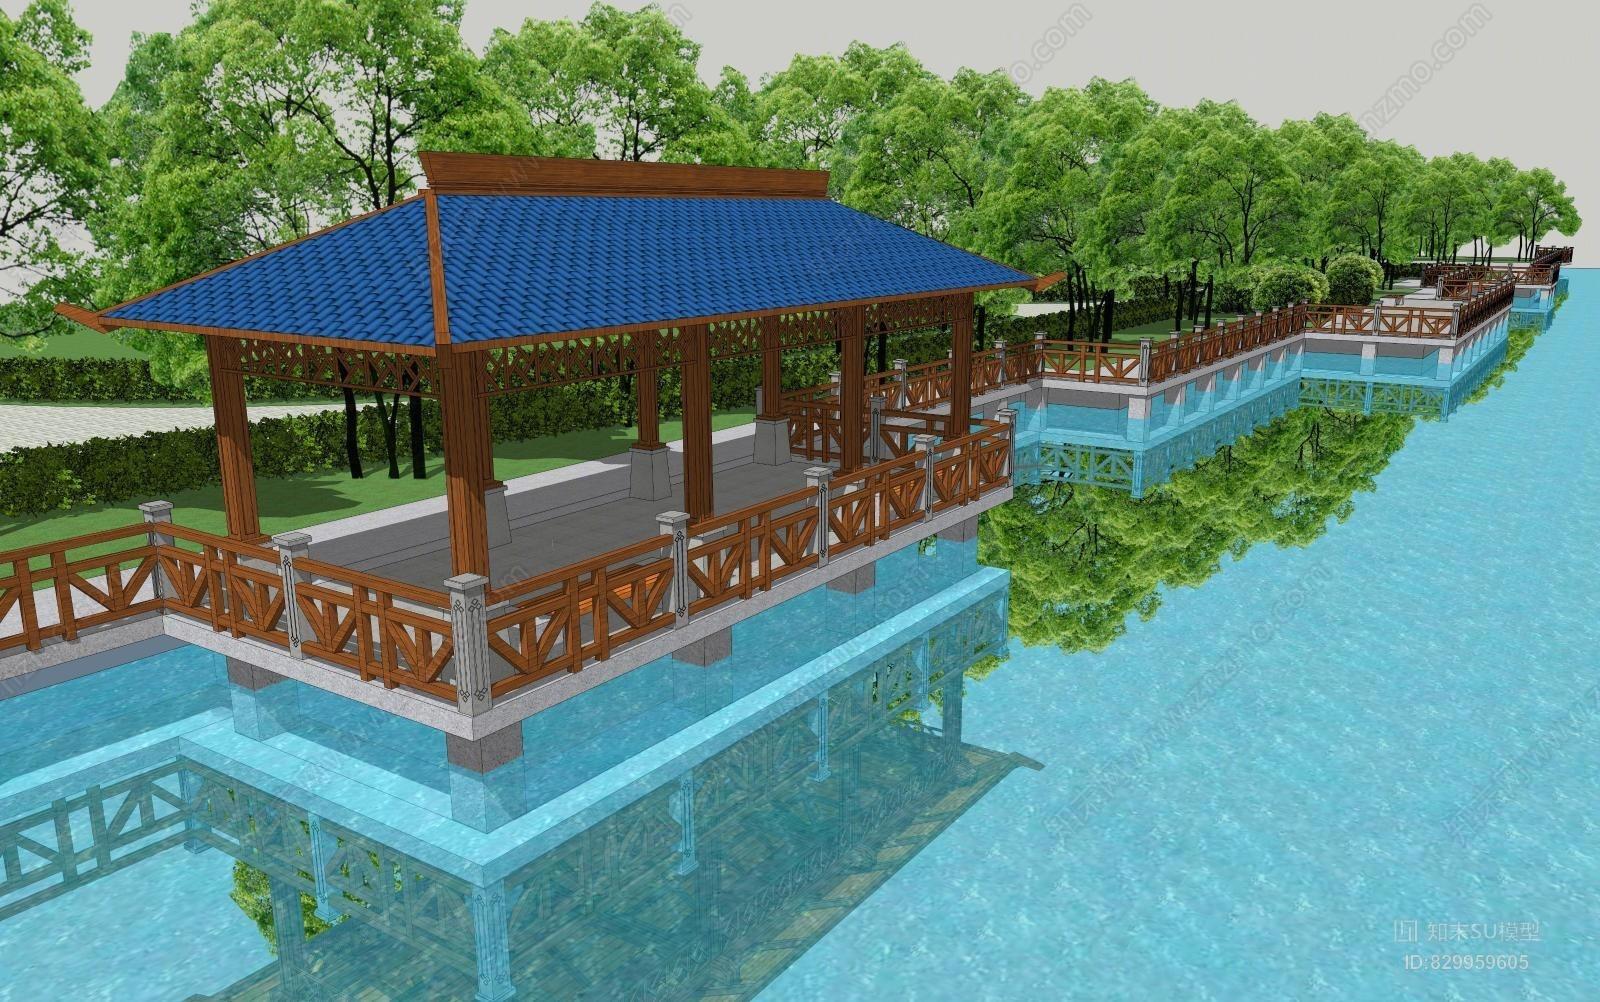 中式古建筑河边长廊休息亭